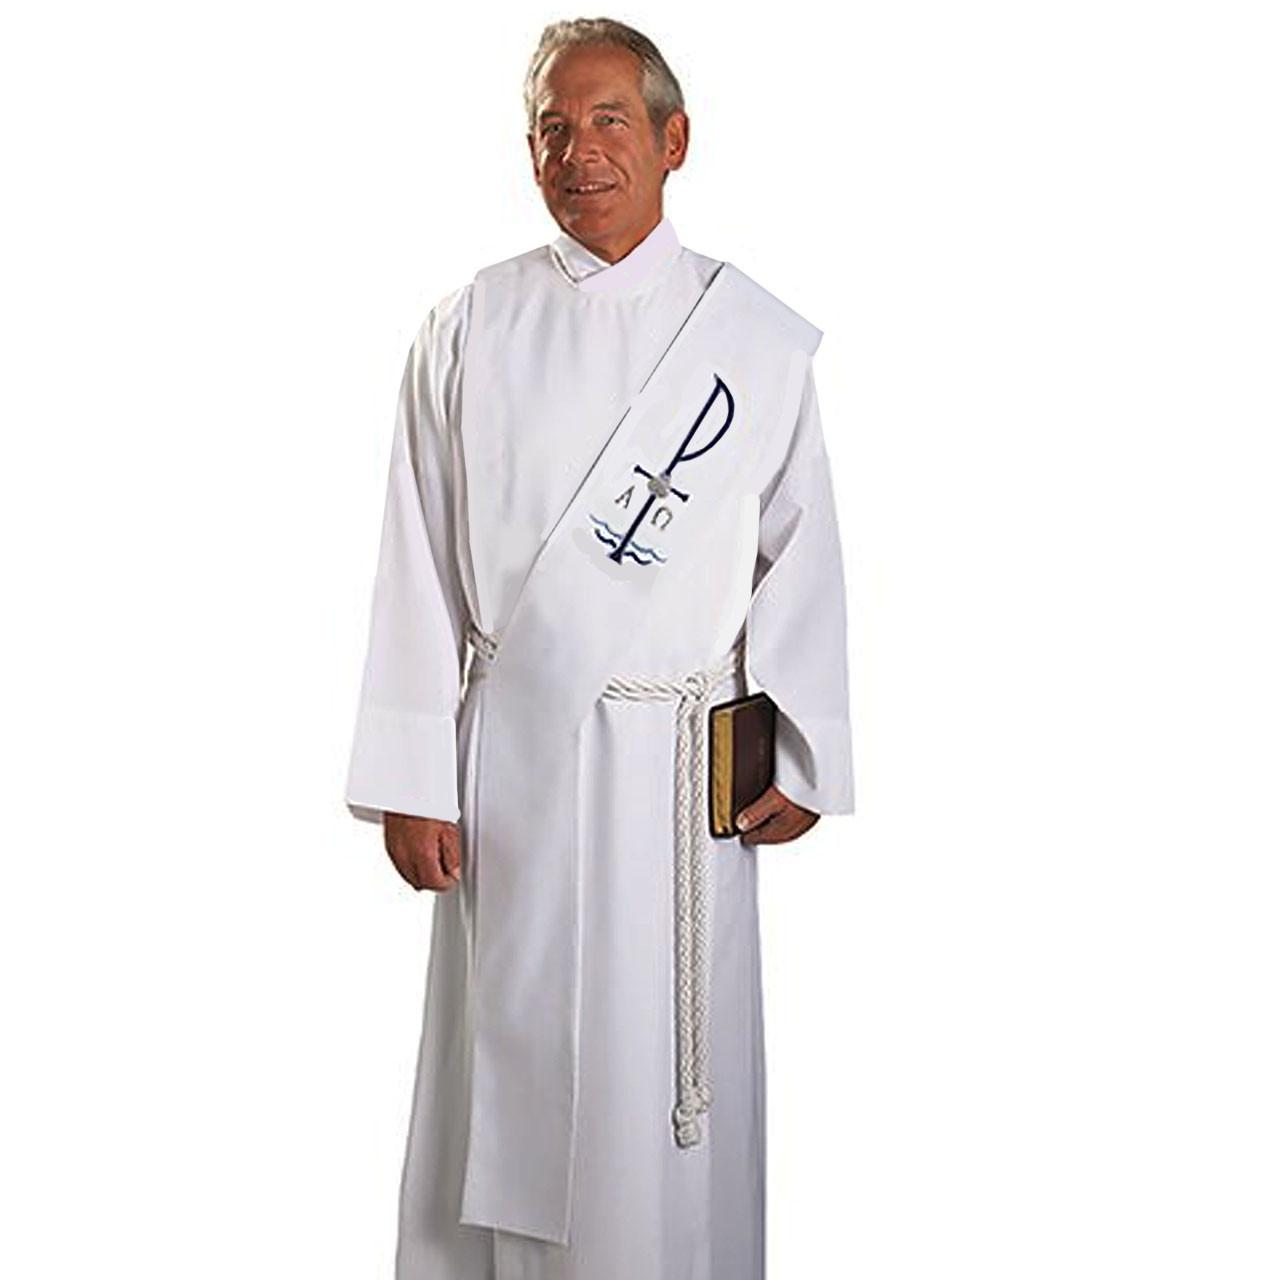 LC183 Baptismal Deacon Stole